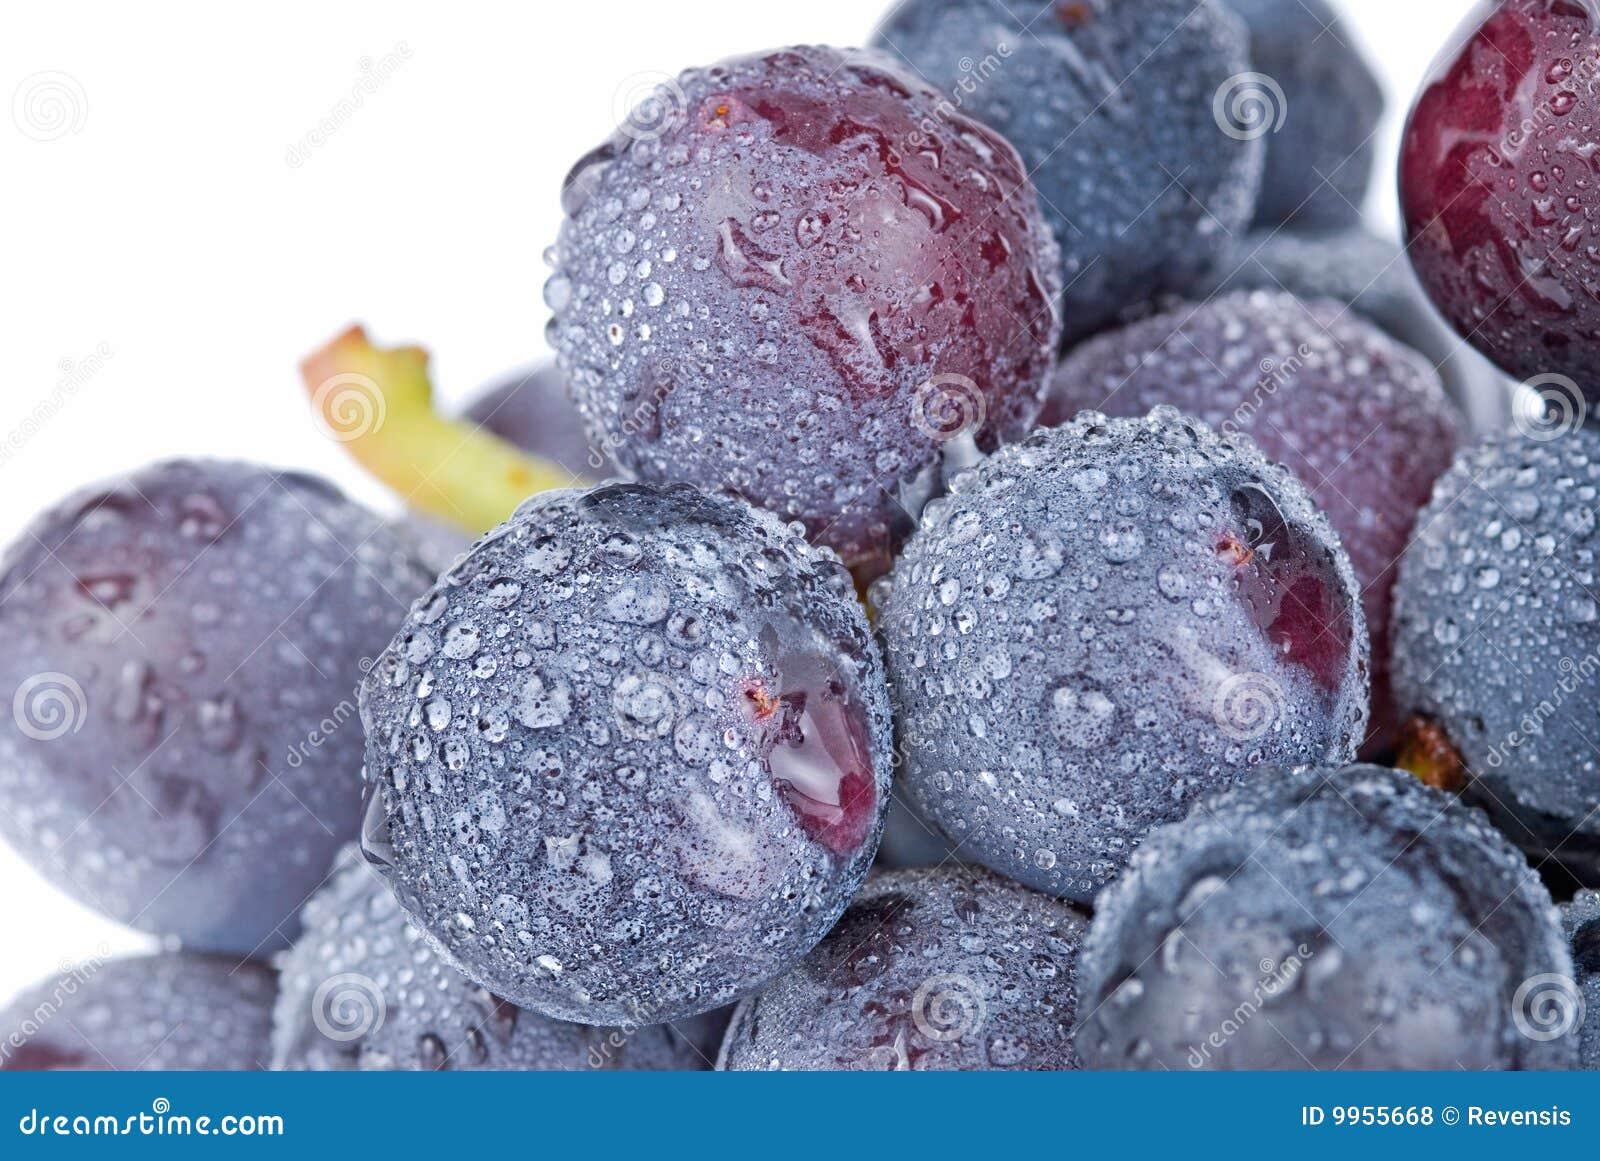 trauben mit tropfen frucht stockfoto bild von frucht betrieb 9955668. Black Bedroom Furniture Sets. Home Design Ideas